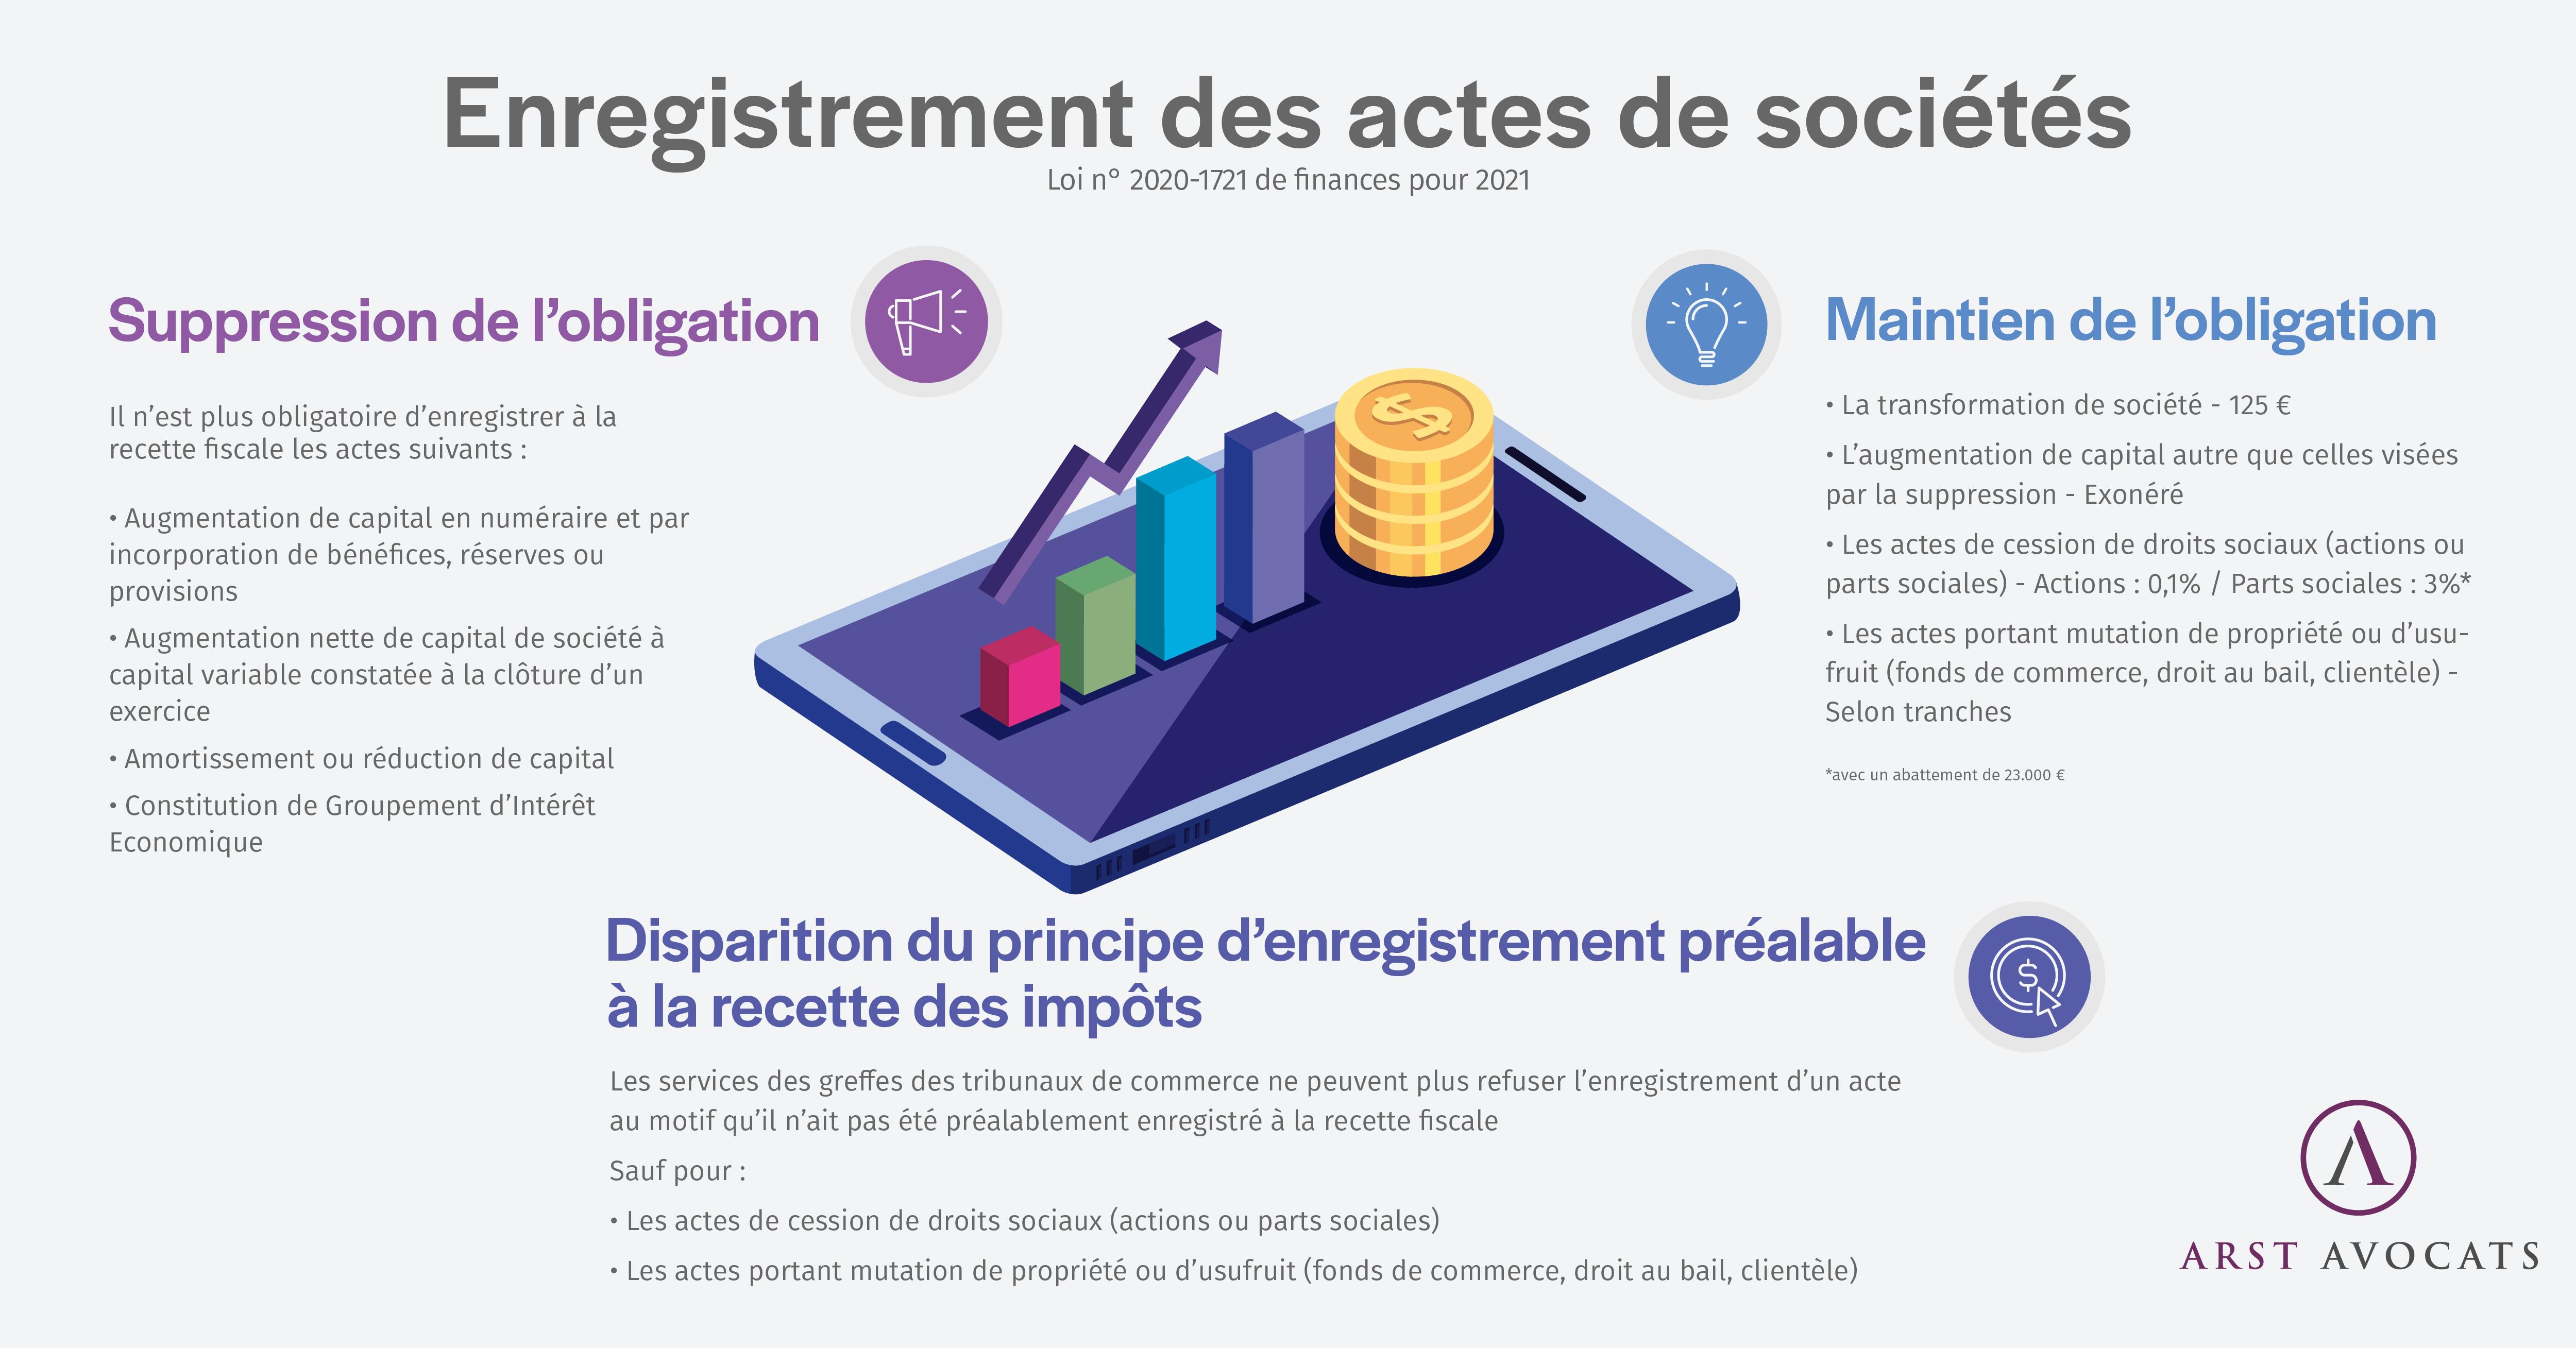 Infographie - Enregistrement des actes de sociétés - Loi n° 2020-1721 de finances pour 2021